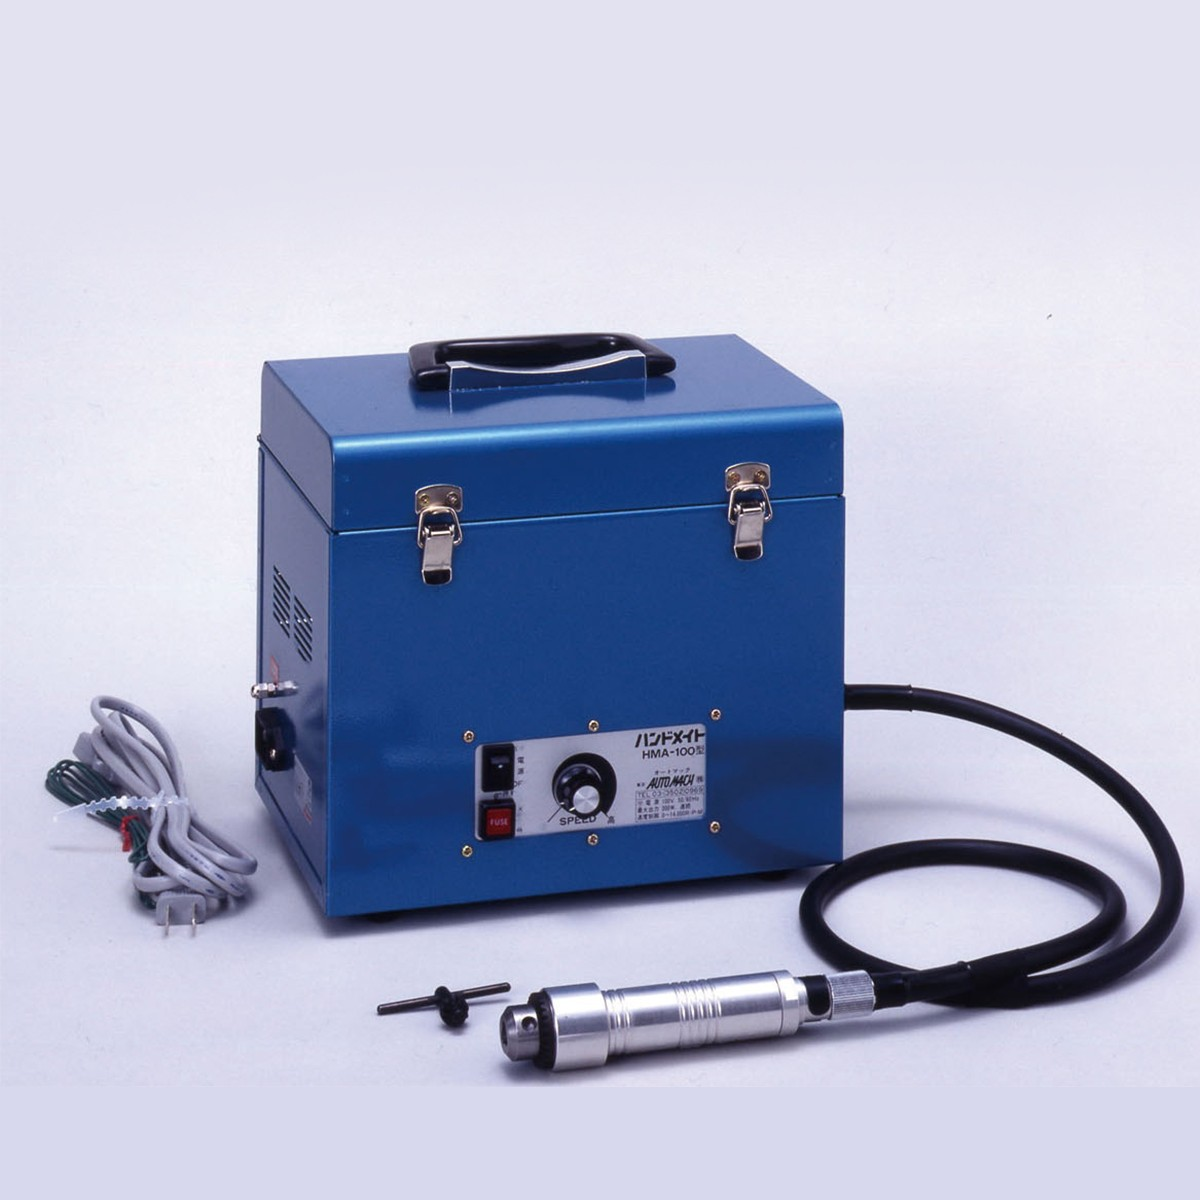 電動木彫機 ハンドメイト HMA-100E1.5-10型 回転タイプ 【 木工 DIY 工作 木彫 彫刻 電動 】